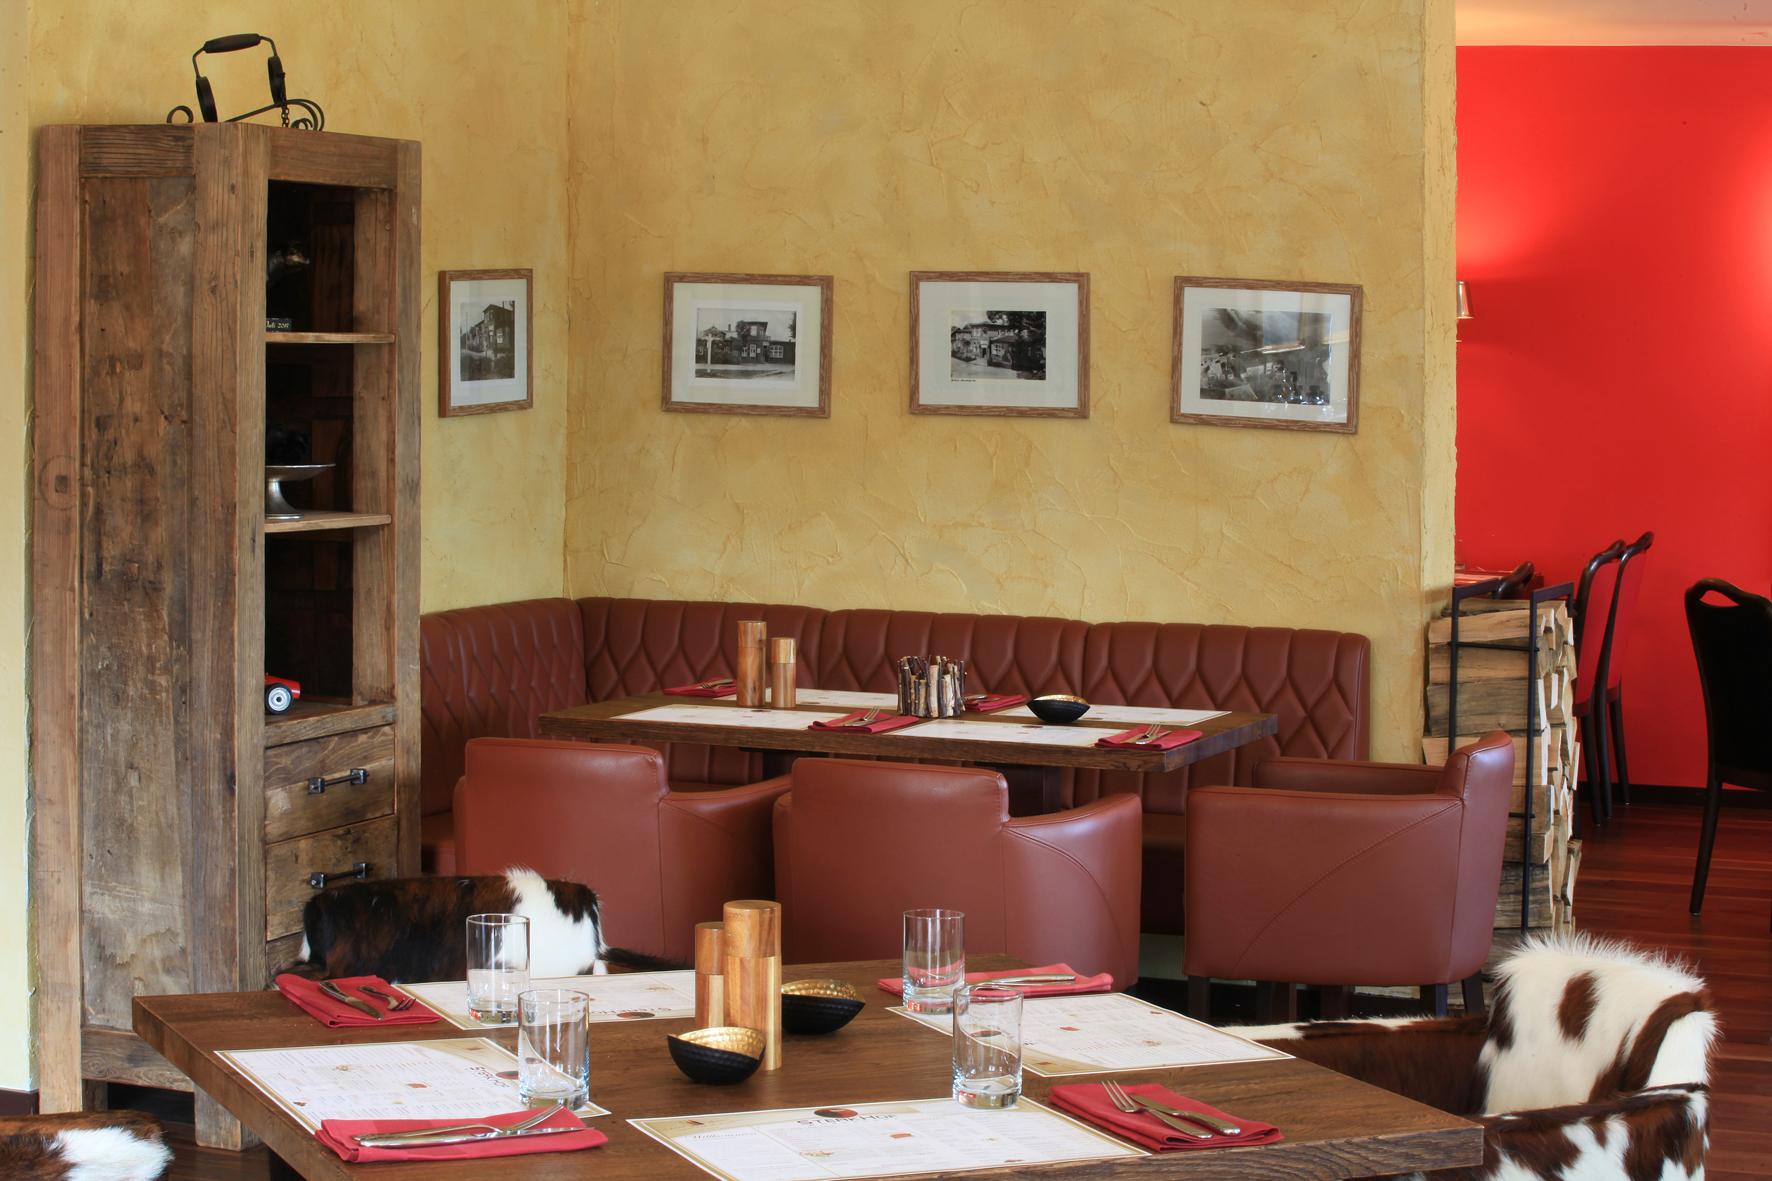 Restaurant einrichtung mit wohlf hl ambiente - Einrichtung dekoration ...